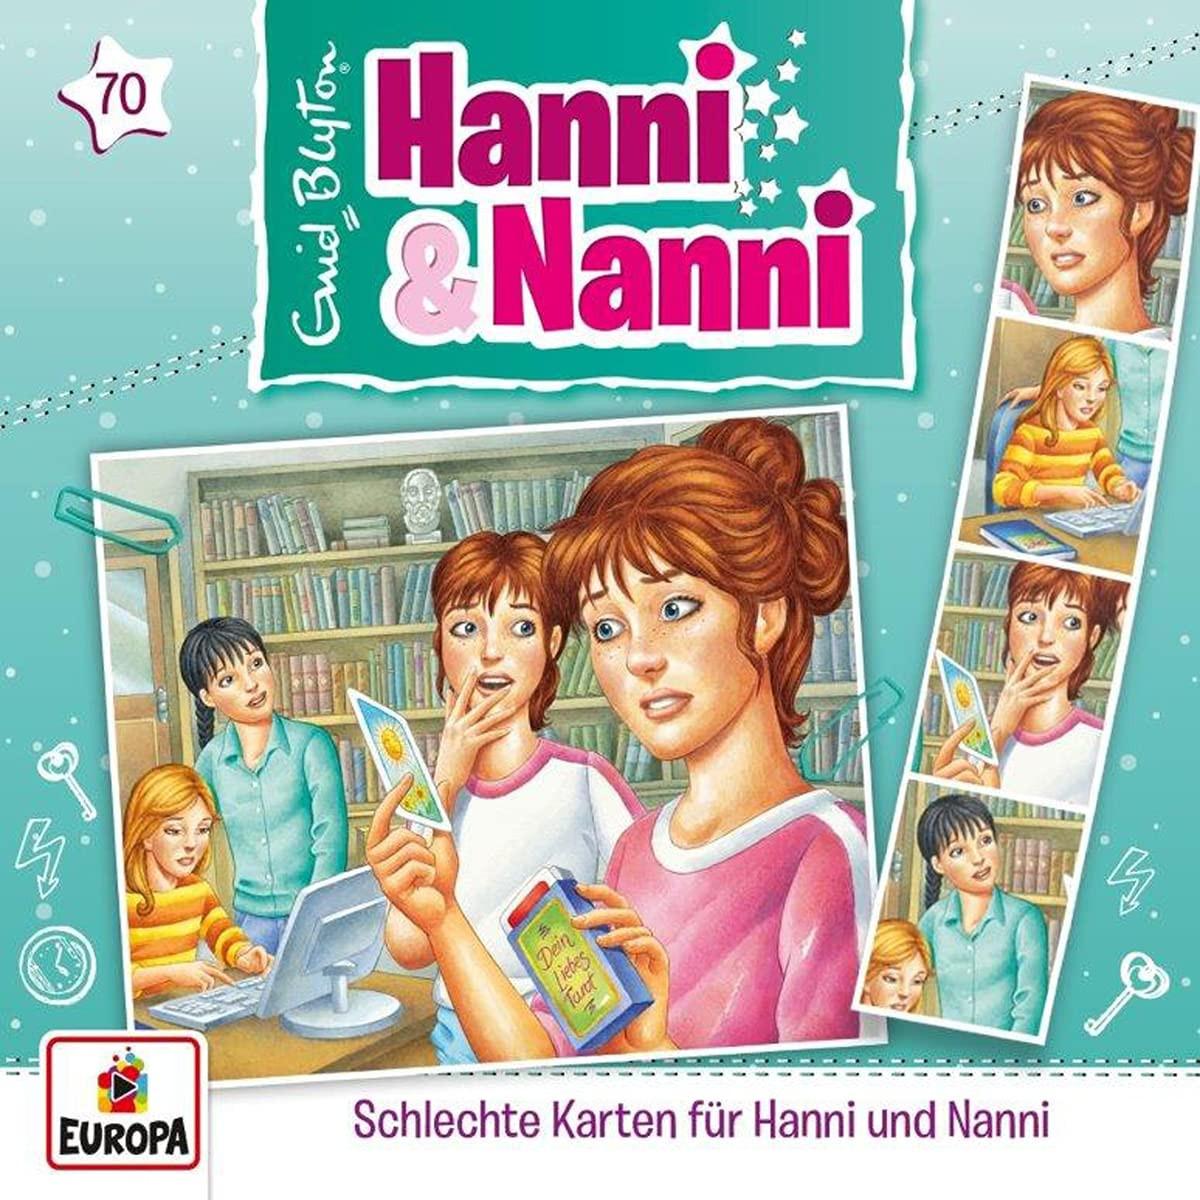 Hanni und Nanni Folge 70 Schlechte Karten für Hanni und Nanni